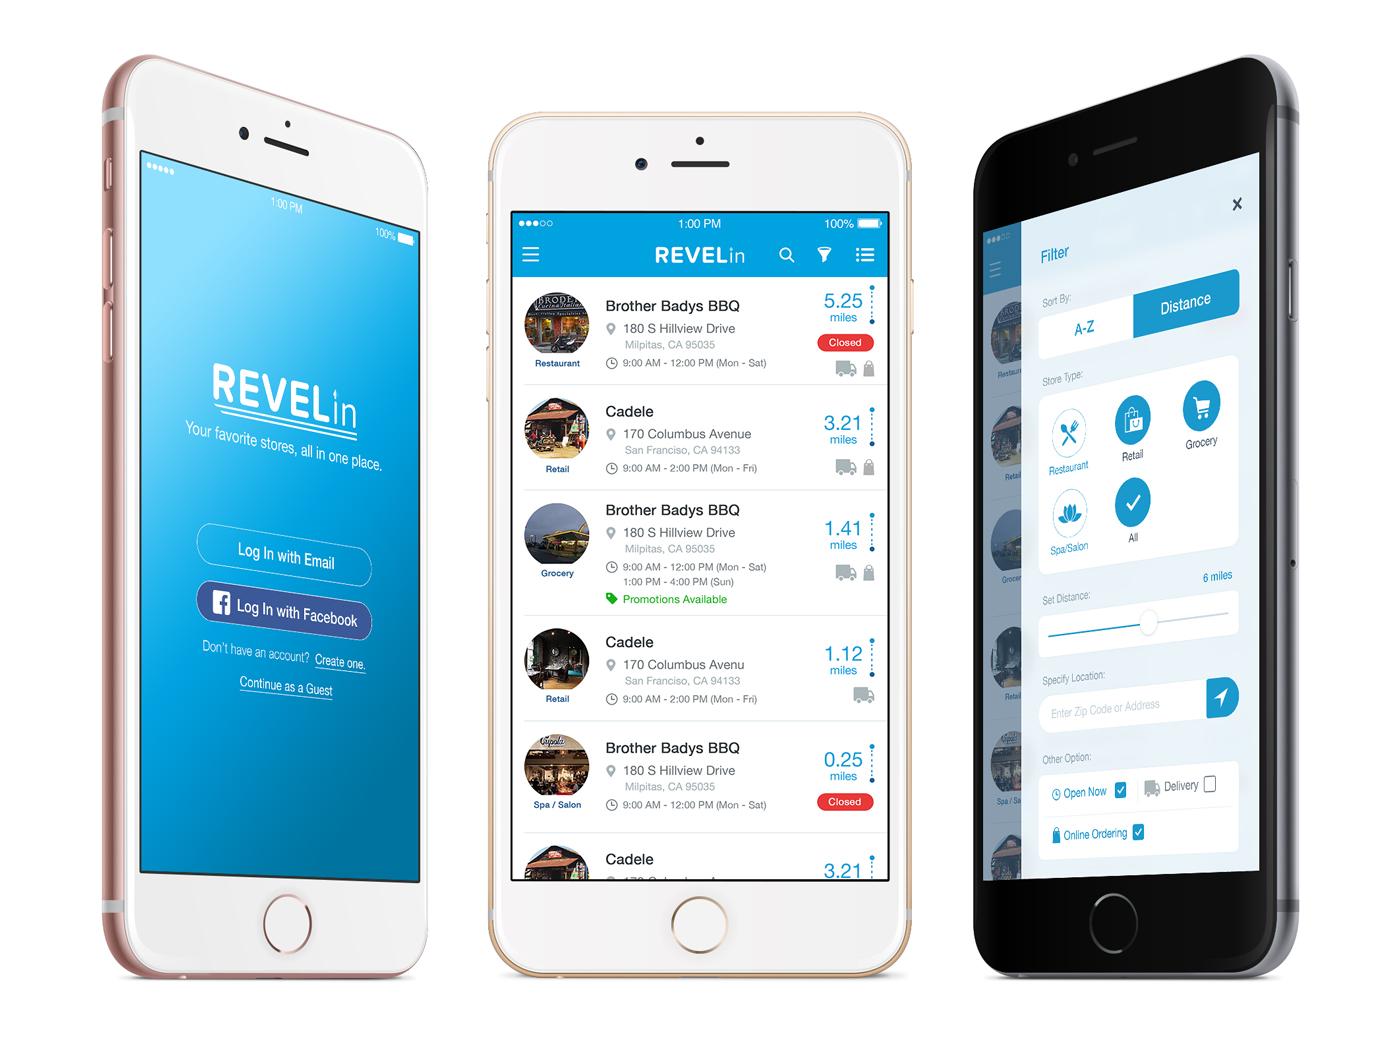 REVELin App